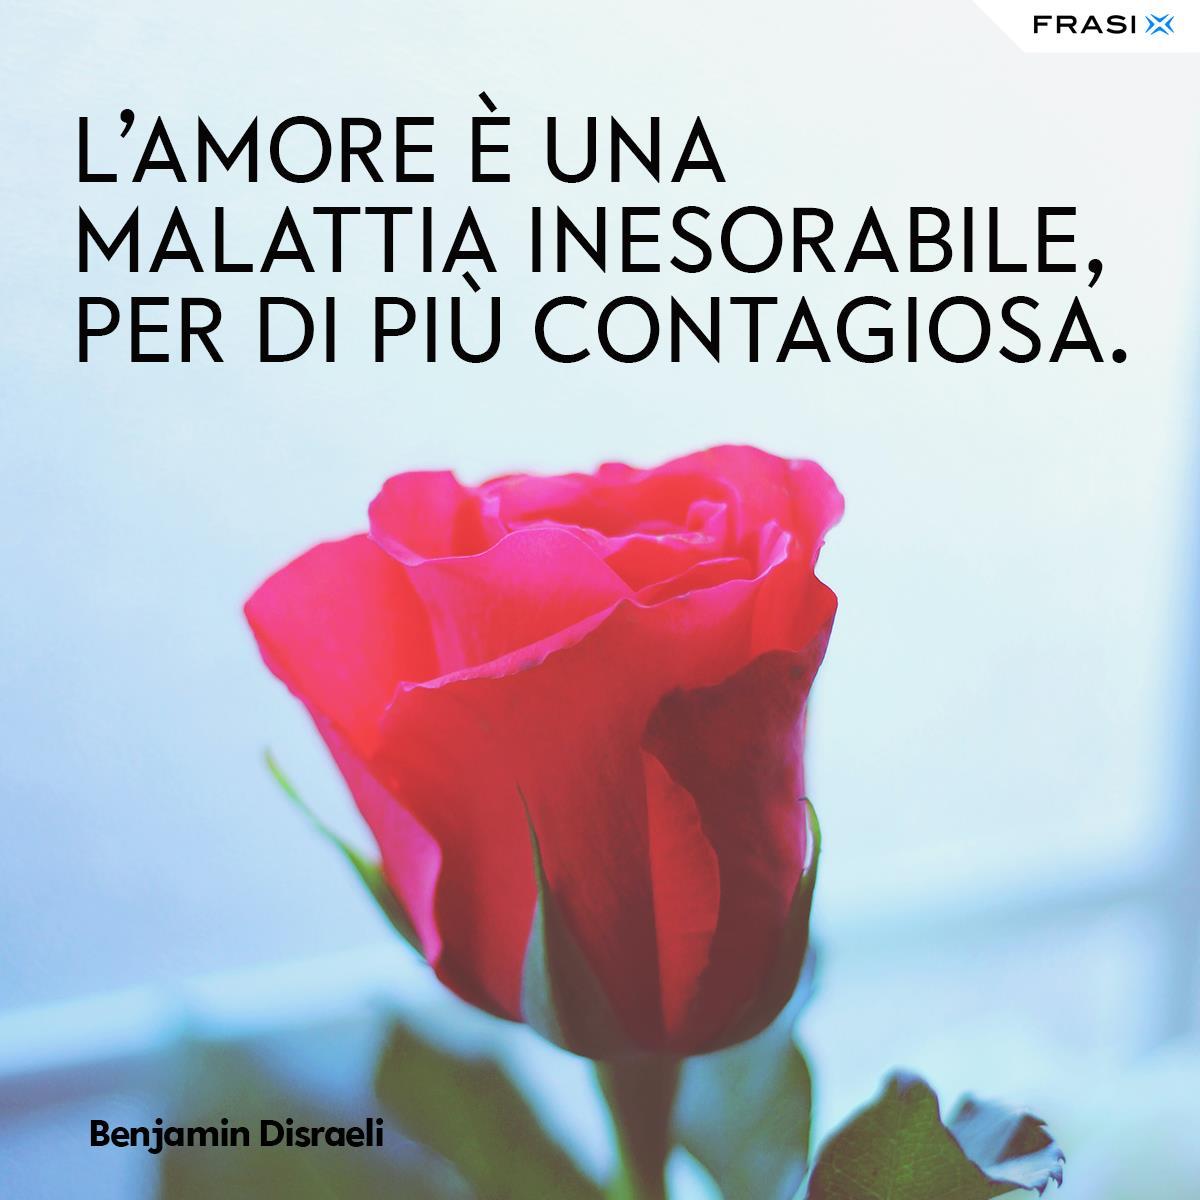 Frasi d'amore e aforismi Benjamin Disraeli